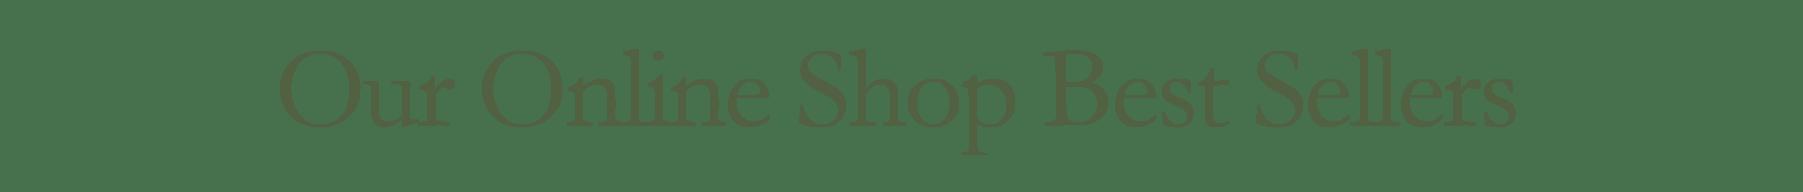 Online Shop Top Sellers